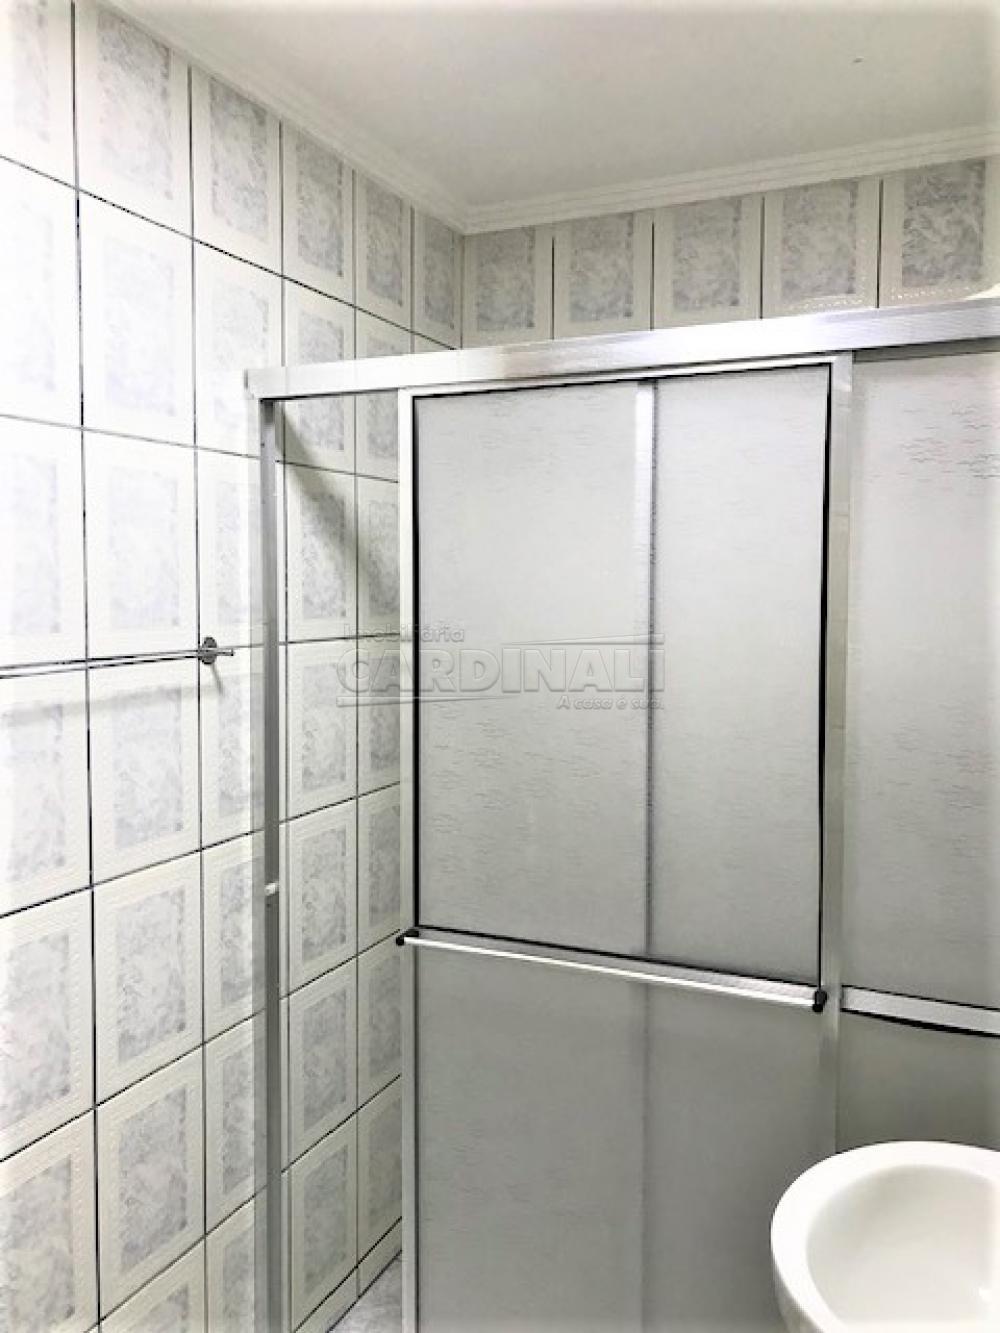 Comprar Apartamento / Padrão em São Carlos R$ 370.000,00 - Foto 28